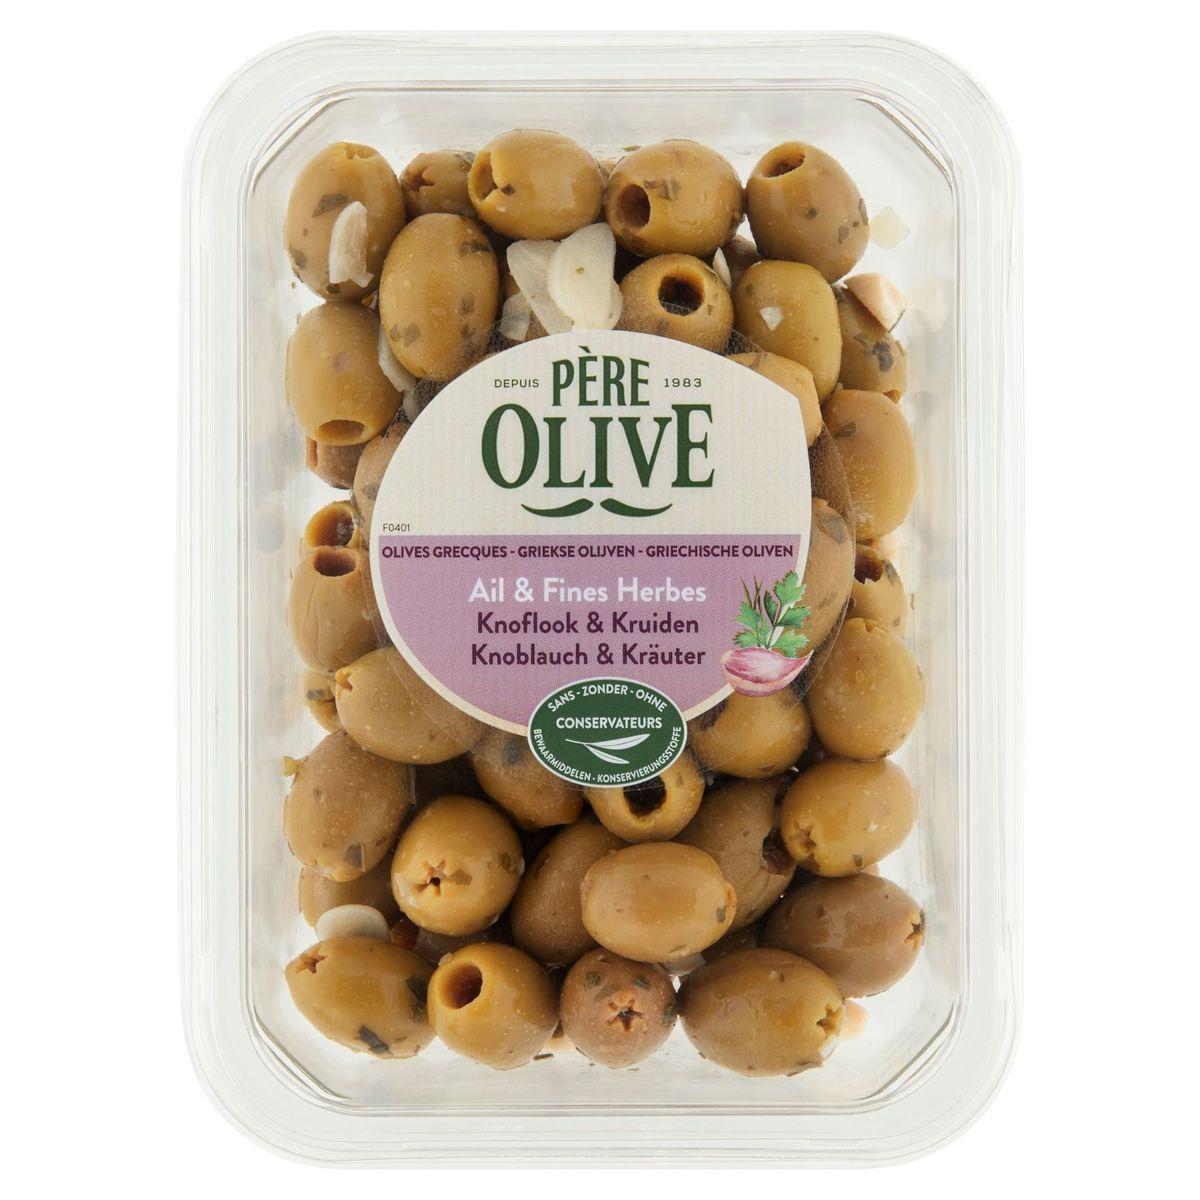 Père Olive Olives Grecques Ail & Fines Herbes 400 g